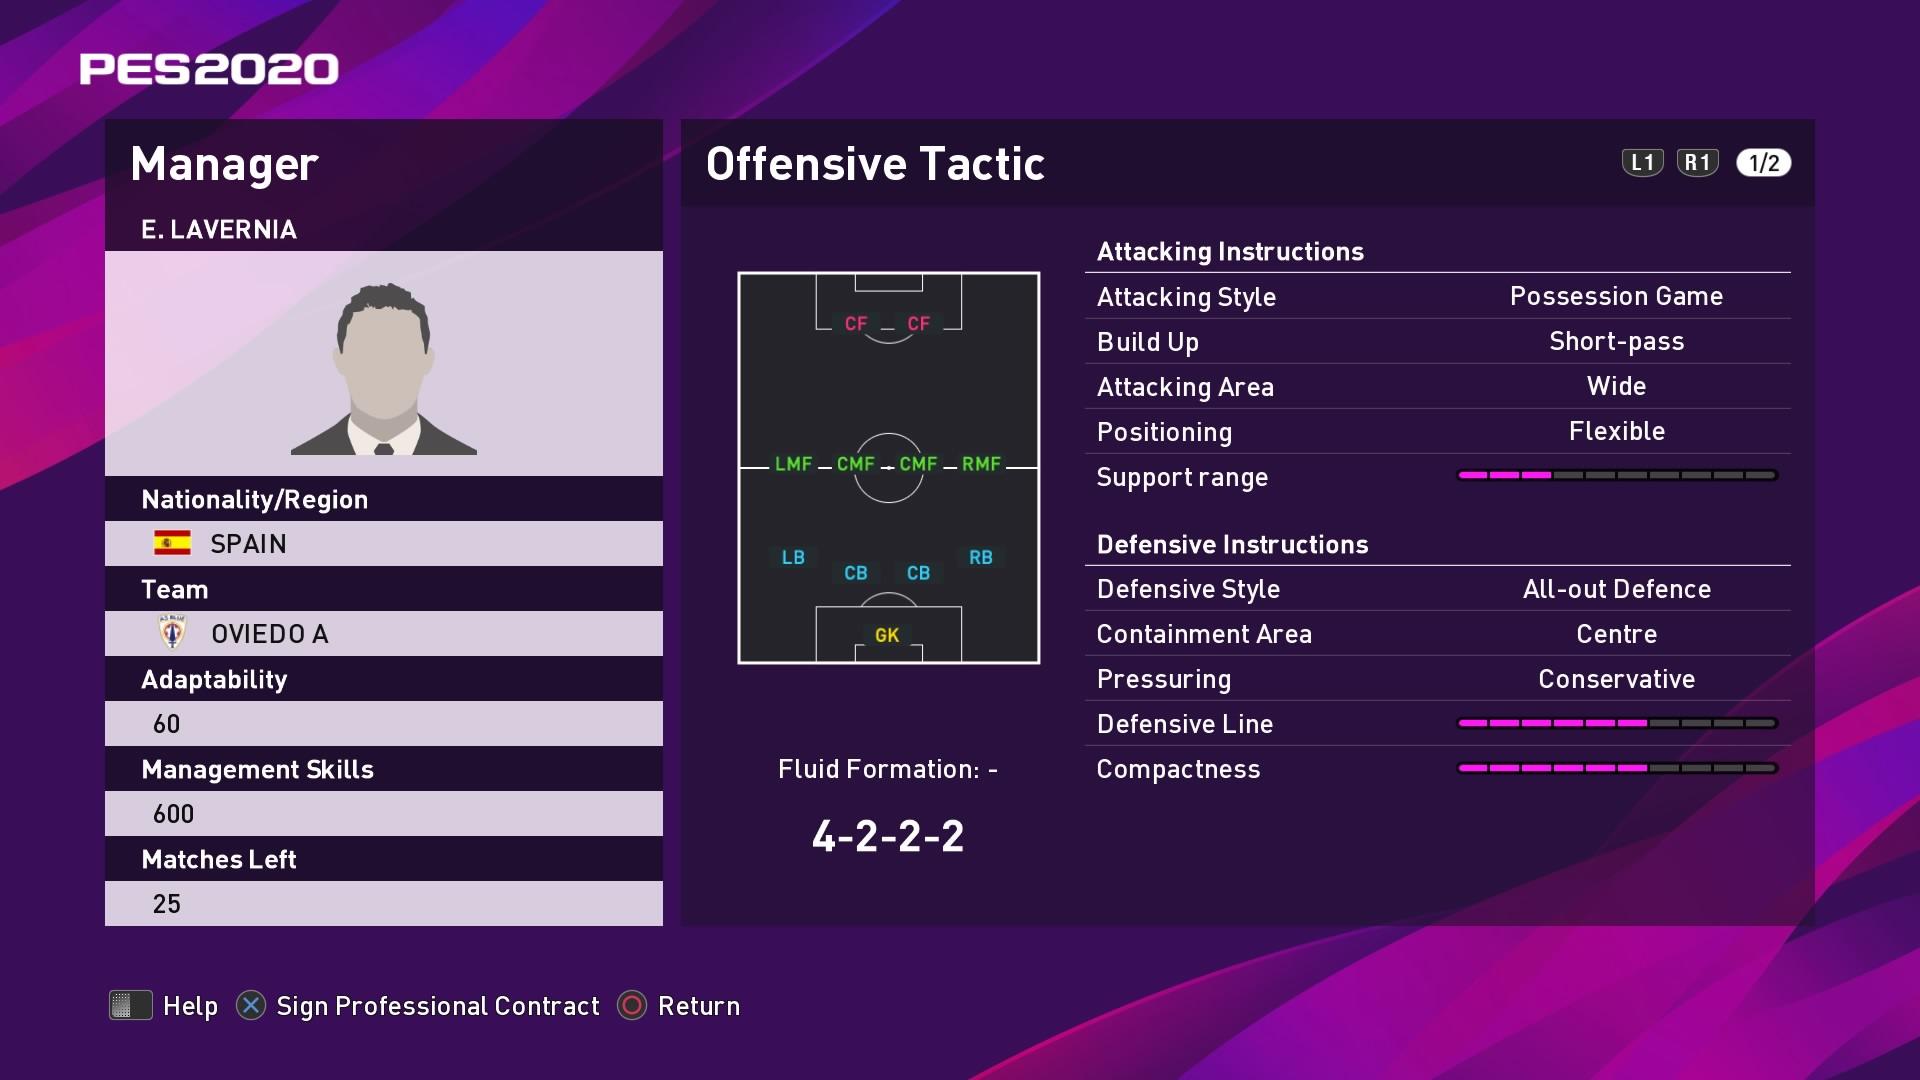 E. Lavernia (Javi Rozada) Offensive Tactic in PES 2020 myClub